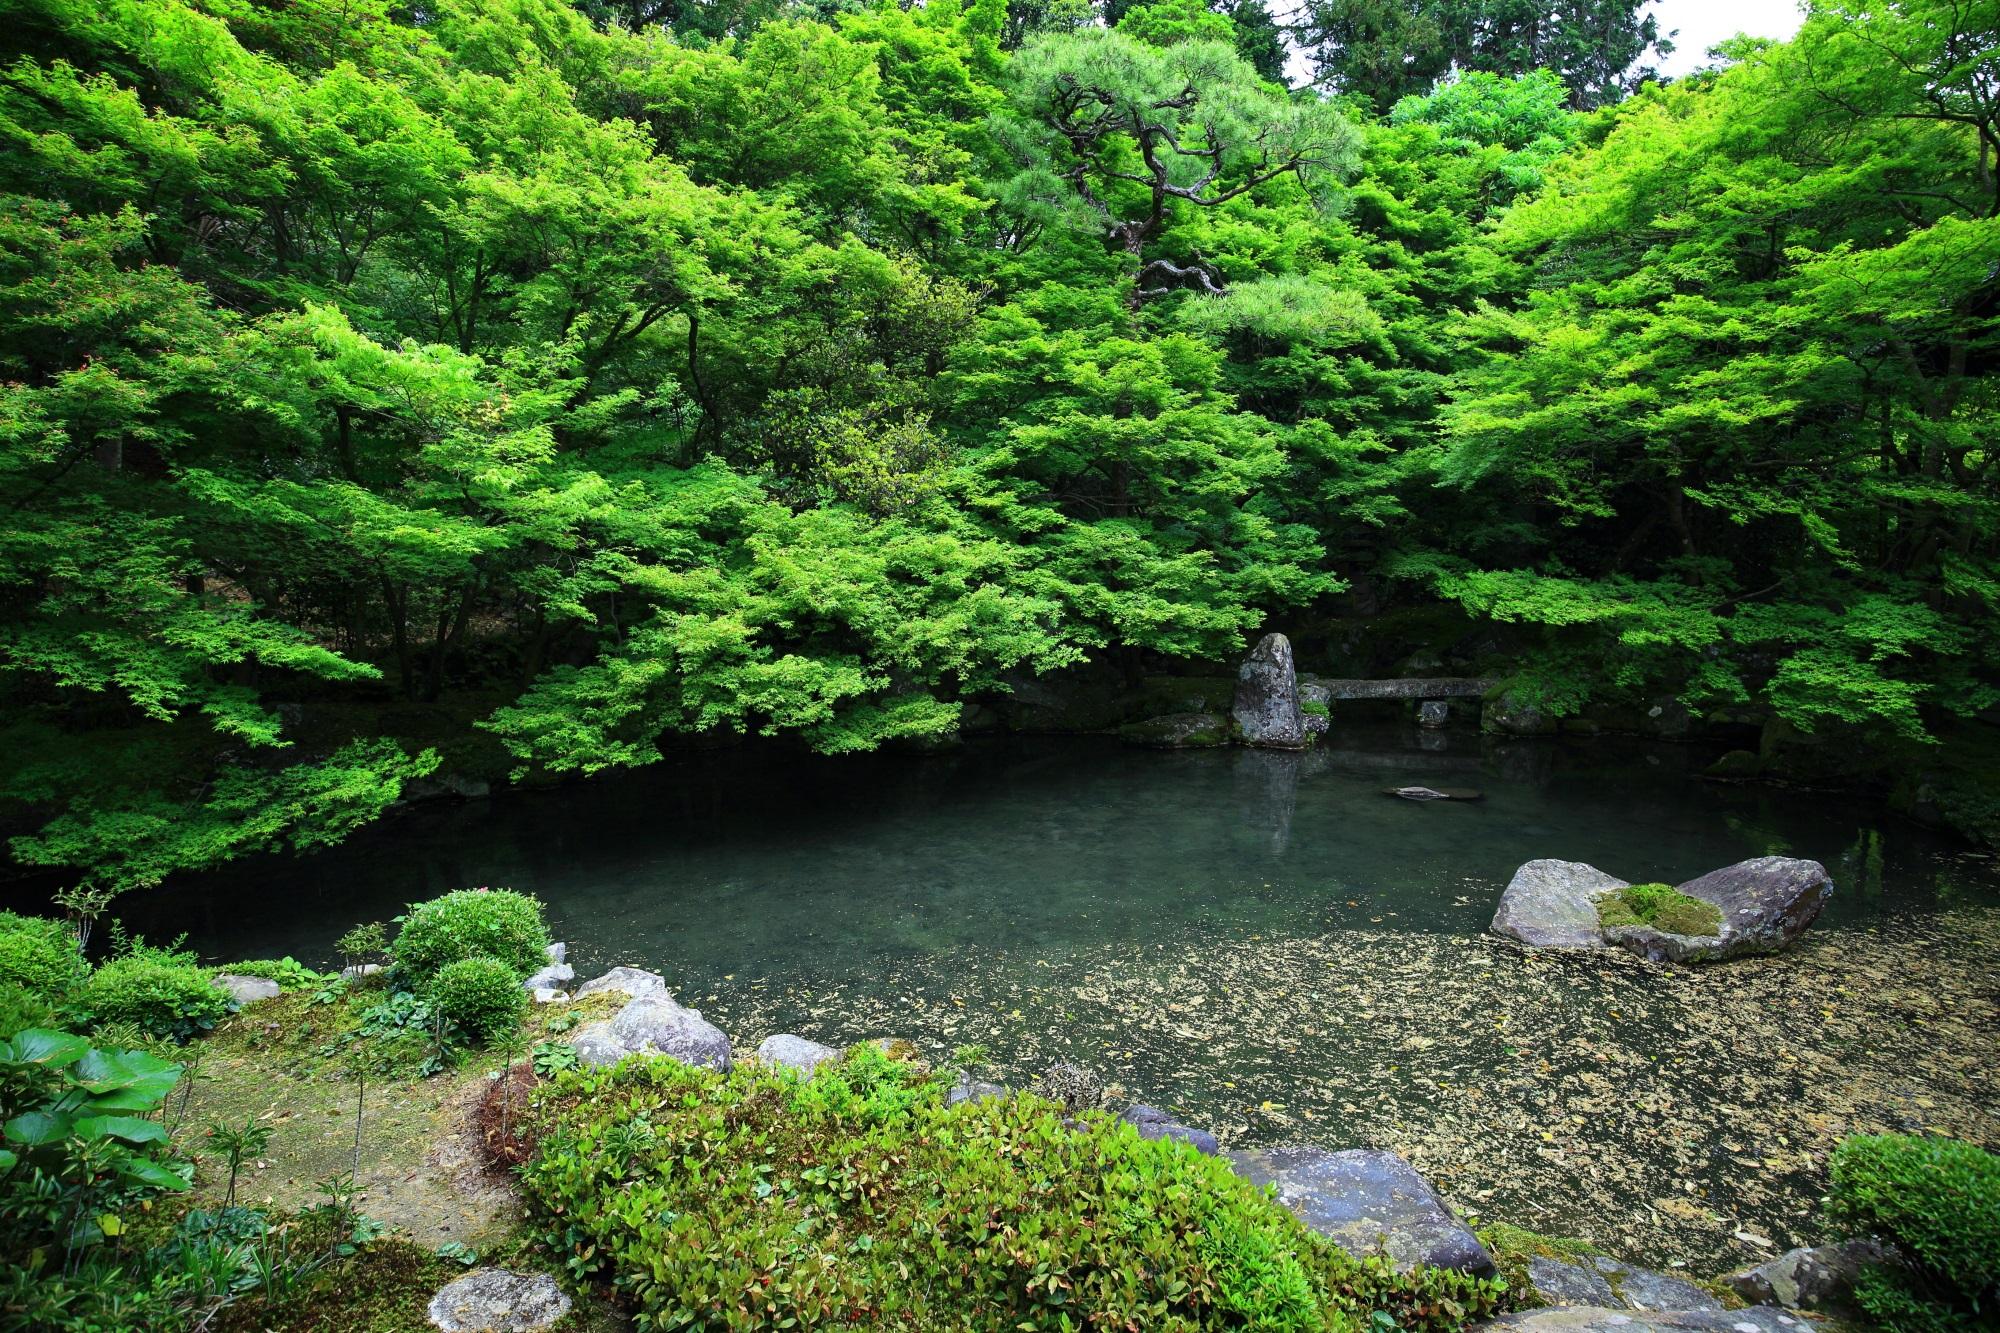 蓮華寺の池泉式庭園の綺麗な新緑